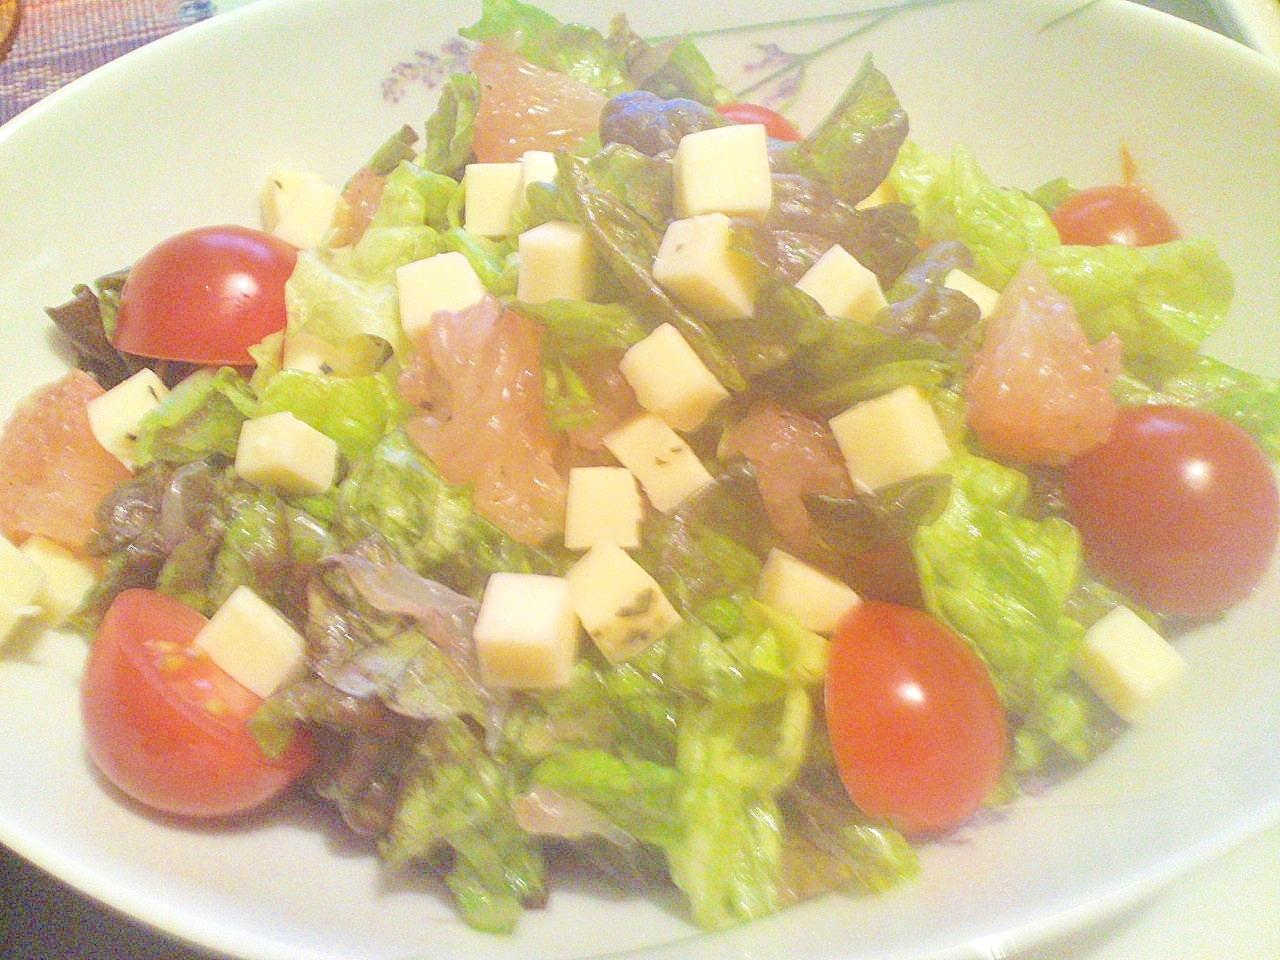 おもてなしにも★グレープフルーツが光る簡単サラダ